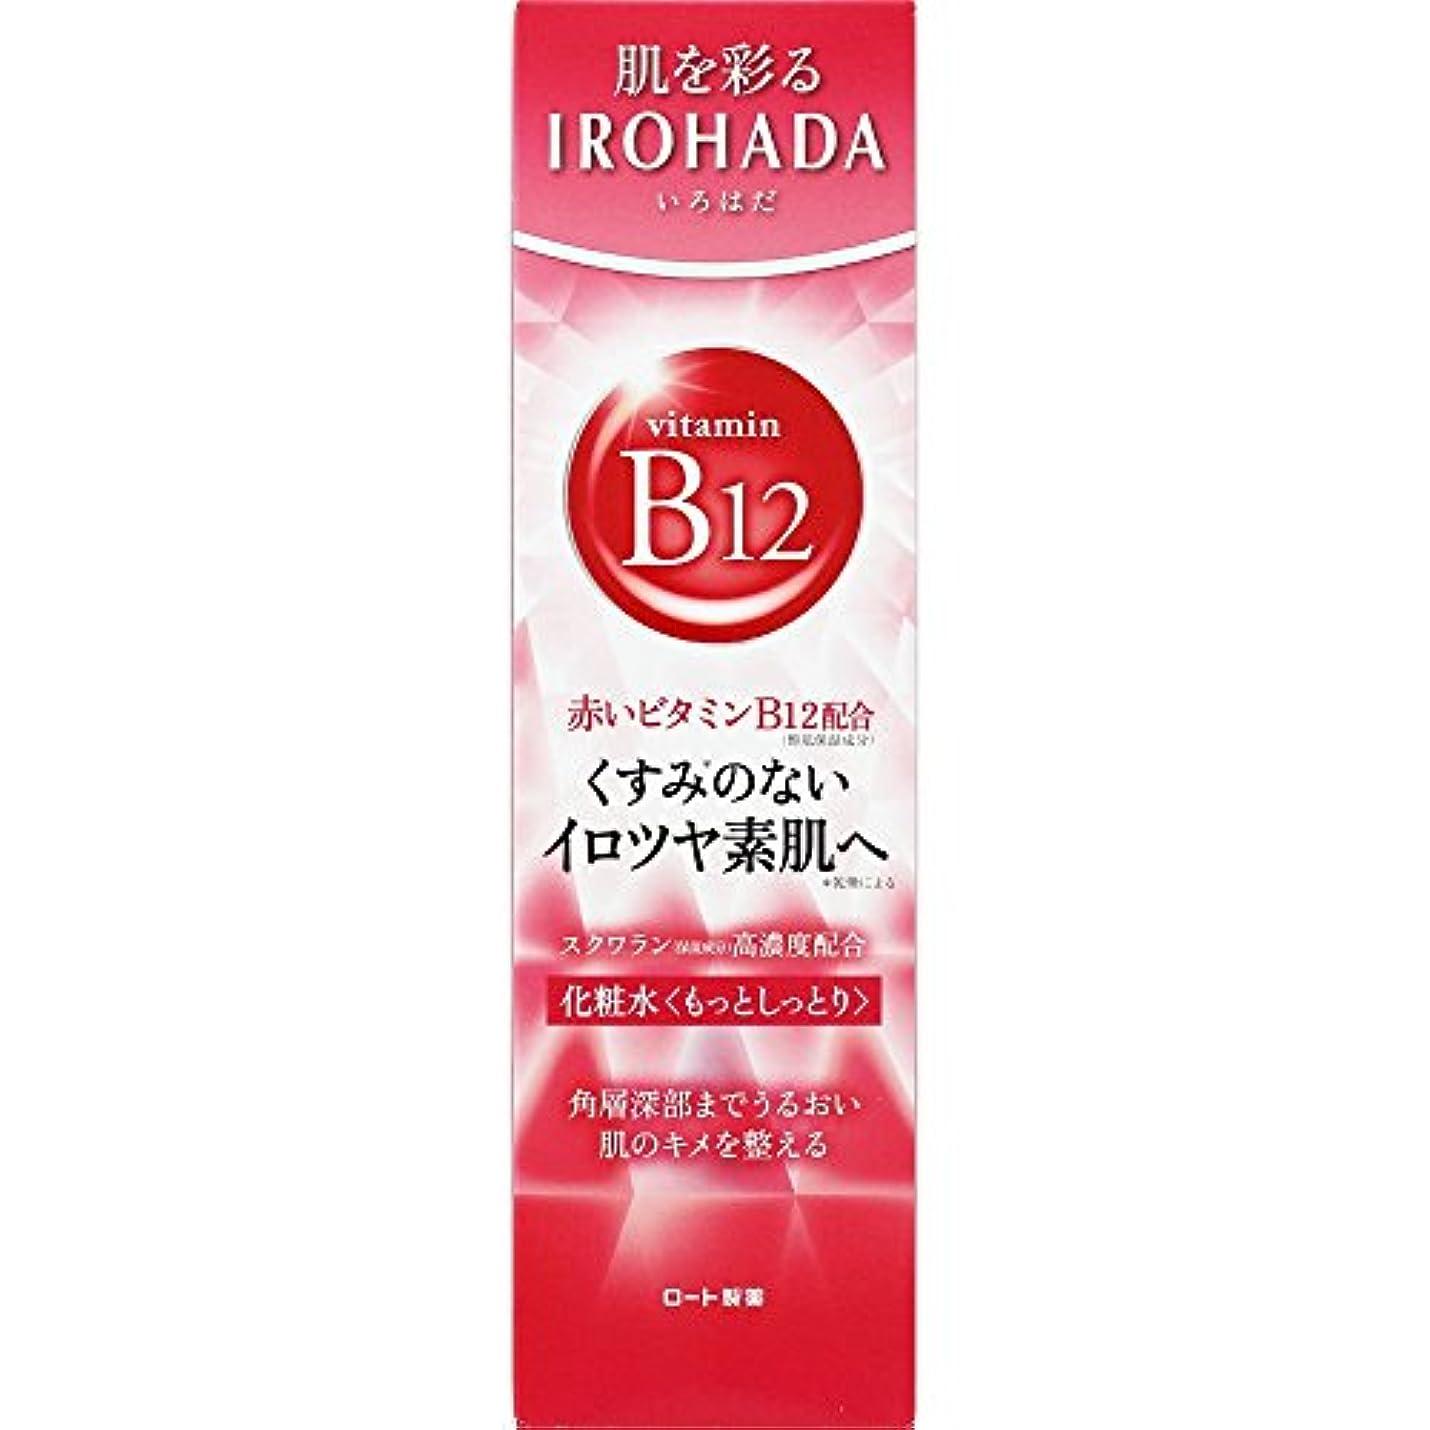 独立した見ましたマラウイロート製薬 いろはだ (IROHADA) 赤いビタミンB12×スクワラン配合 化粧水もっとしっとり 160ml